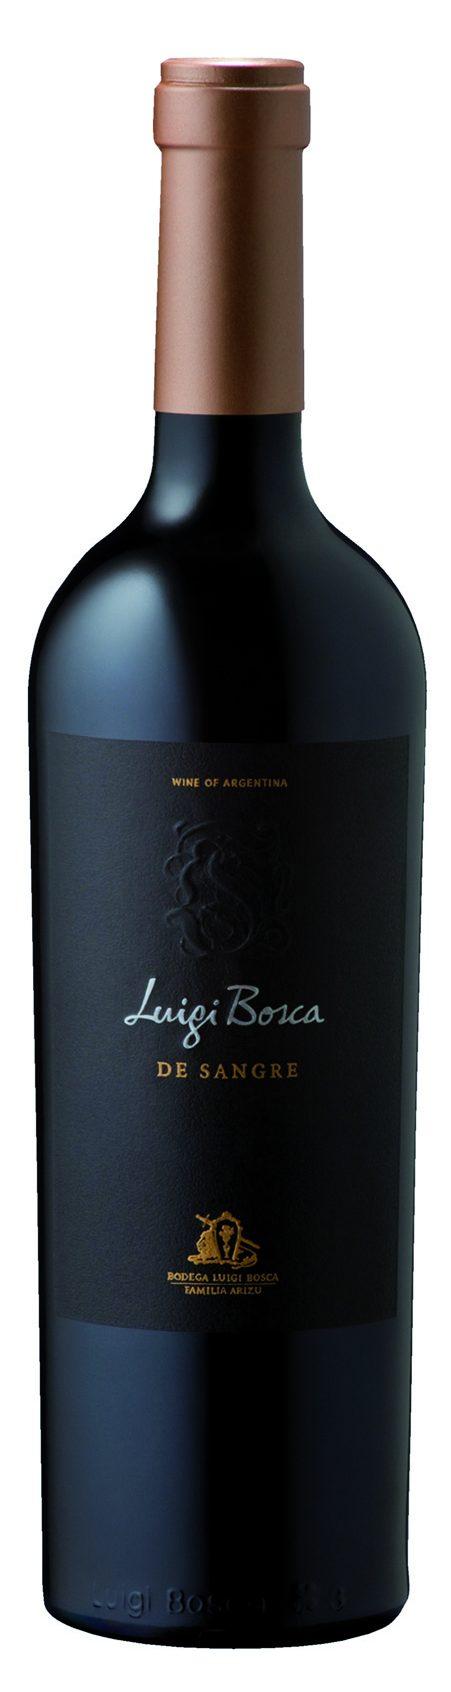 Luigi Bosca De Sangre